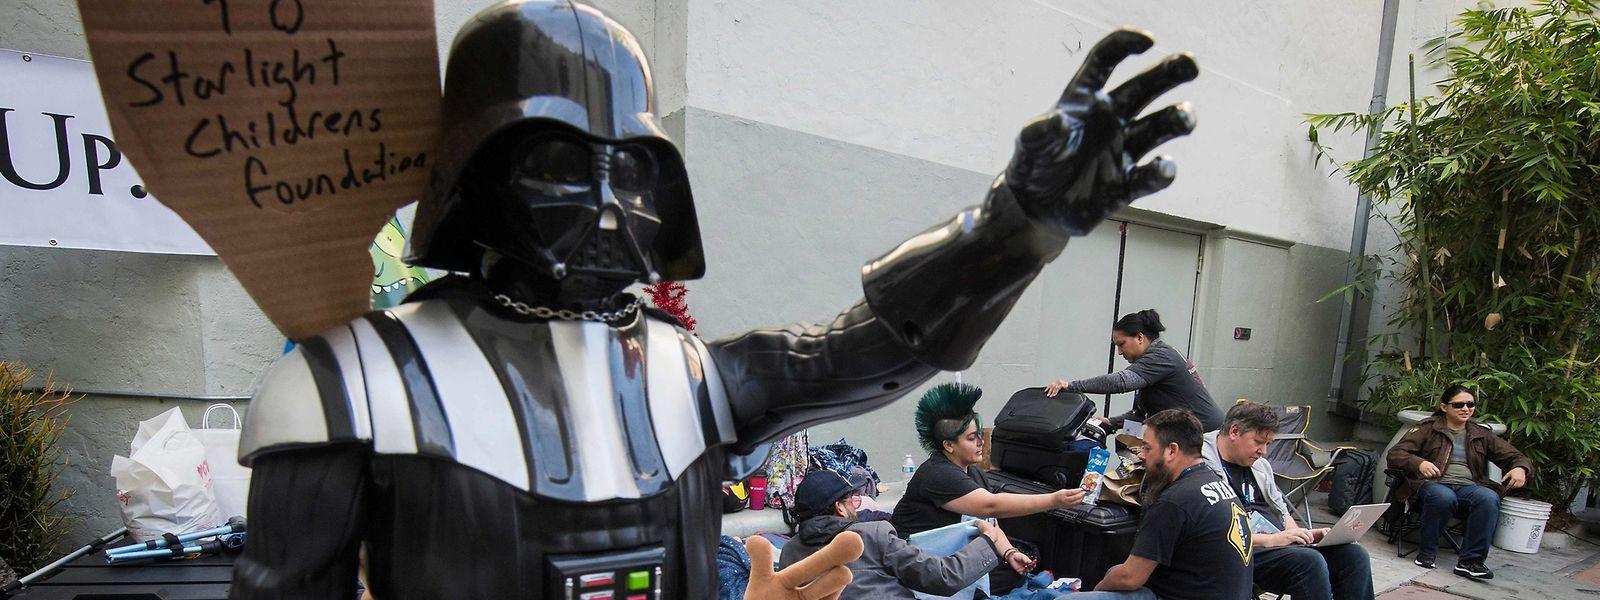 Même Darth Vader fait la queue en attendant la projection du neuvième épisode de la saga.